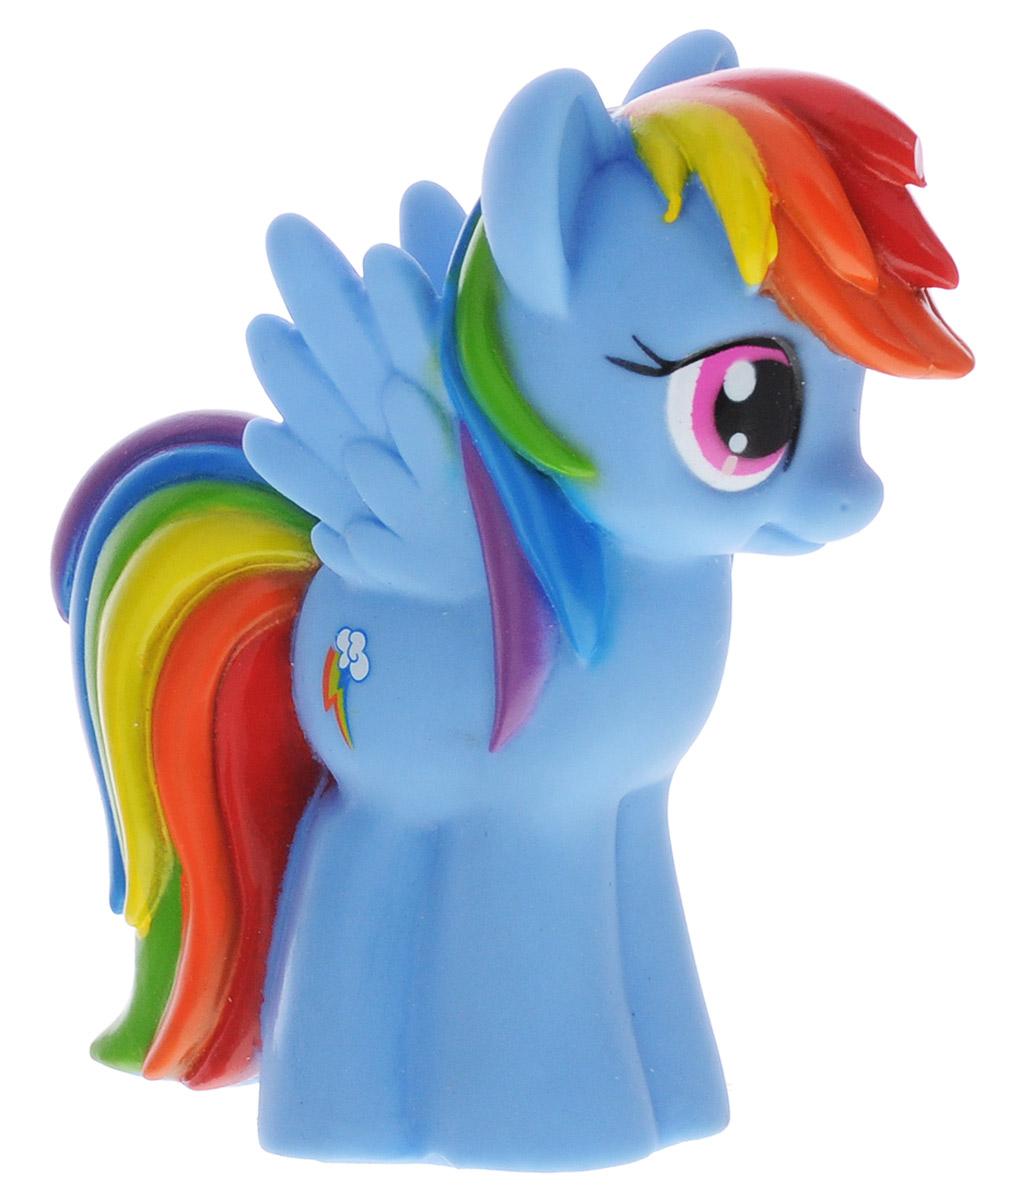 Играем вместе Игрушка для ванной My Little Pony Радуга Дэш47RUS_голубойИгрушка для ванной Играем вместе My Little Pony: Радуга Дэш способна занять малыша на все время купания. Она изготовлена из высококачественных и безопасных материалов. Игрушка выполнена в виде пони Rainbow Dash. Игрушка несомненно принесет вашему малышу море позитива, а обычное купание превратит в веселую игру. С такой игрушкой ребенок может развивать мелкую моторику рук, концентрацию внимания и даже воображение. Порадуйте свою кроху такой необычной игрушкой!